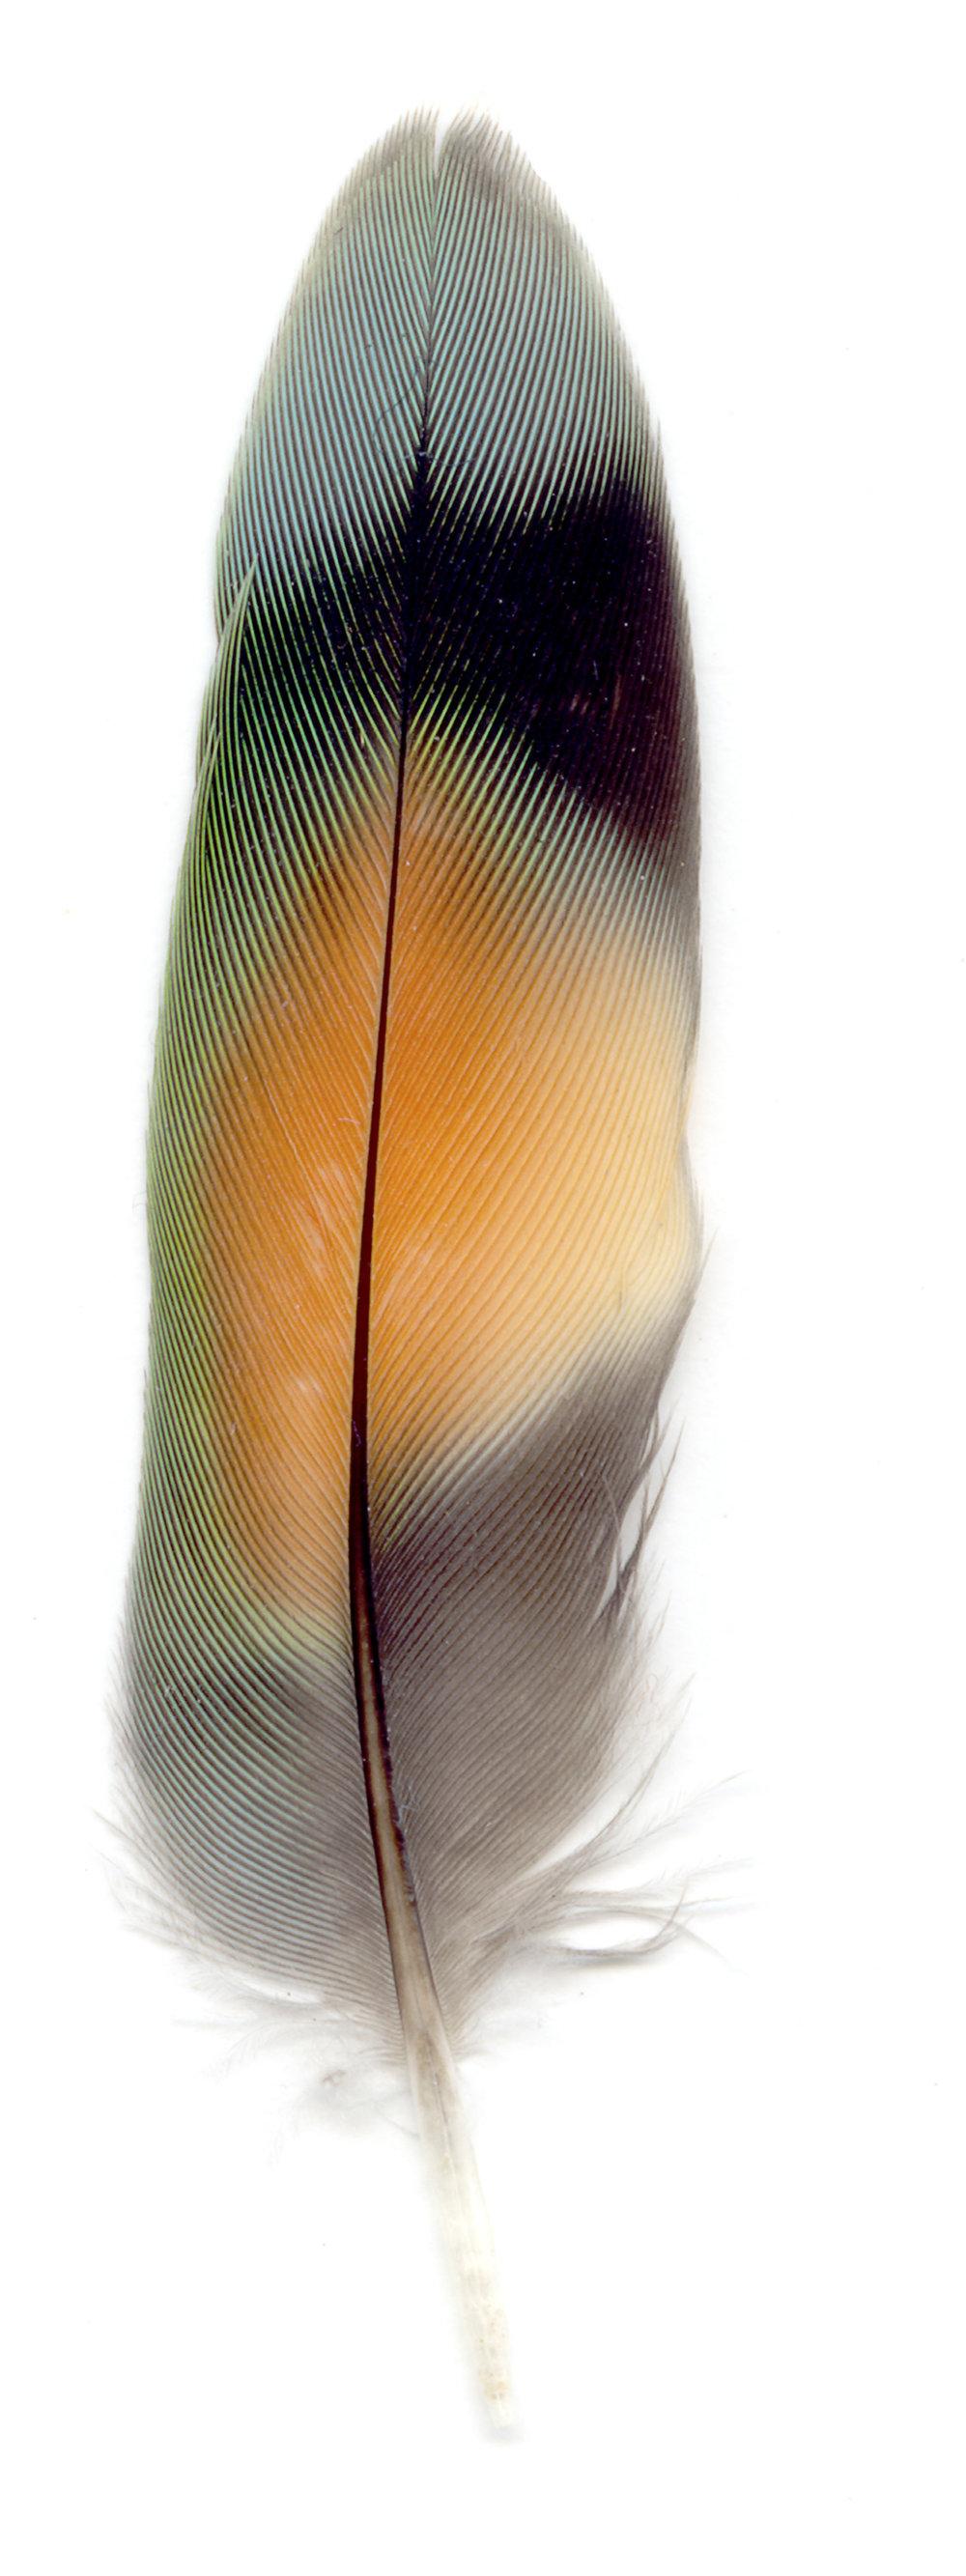 05_Love_Bird_feather_4.jpg